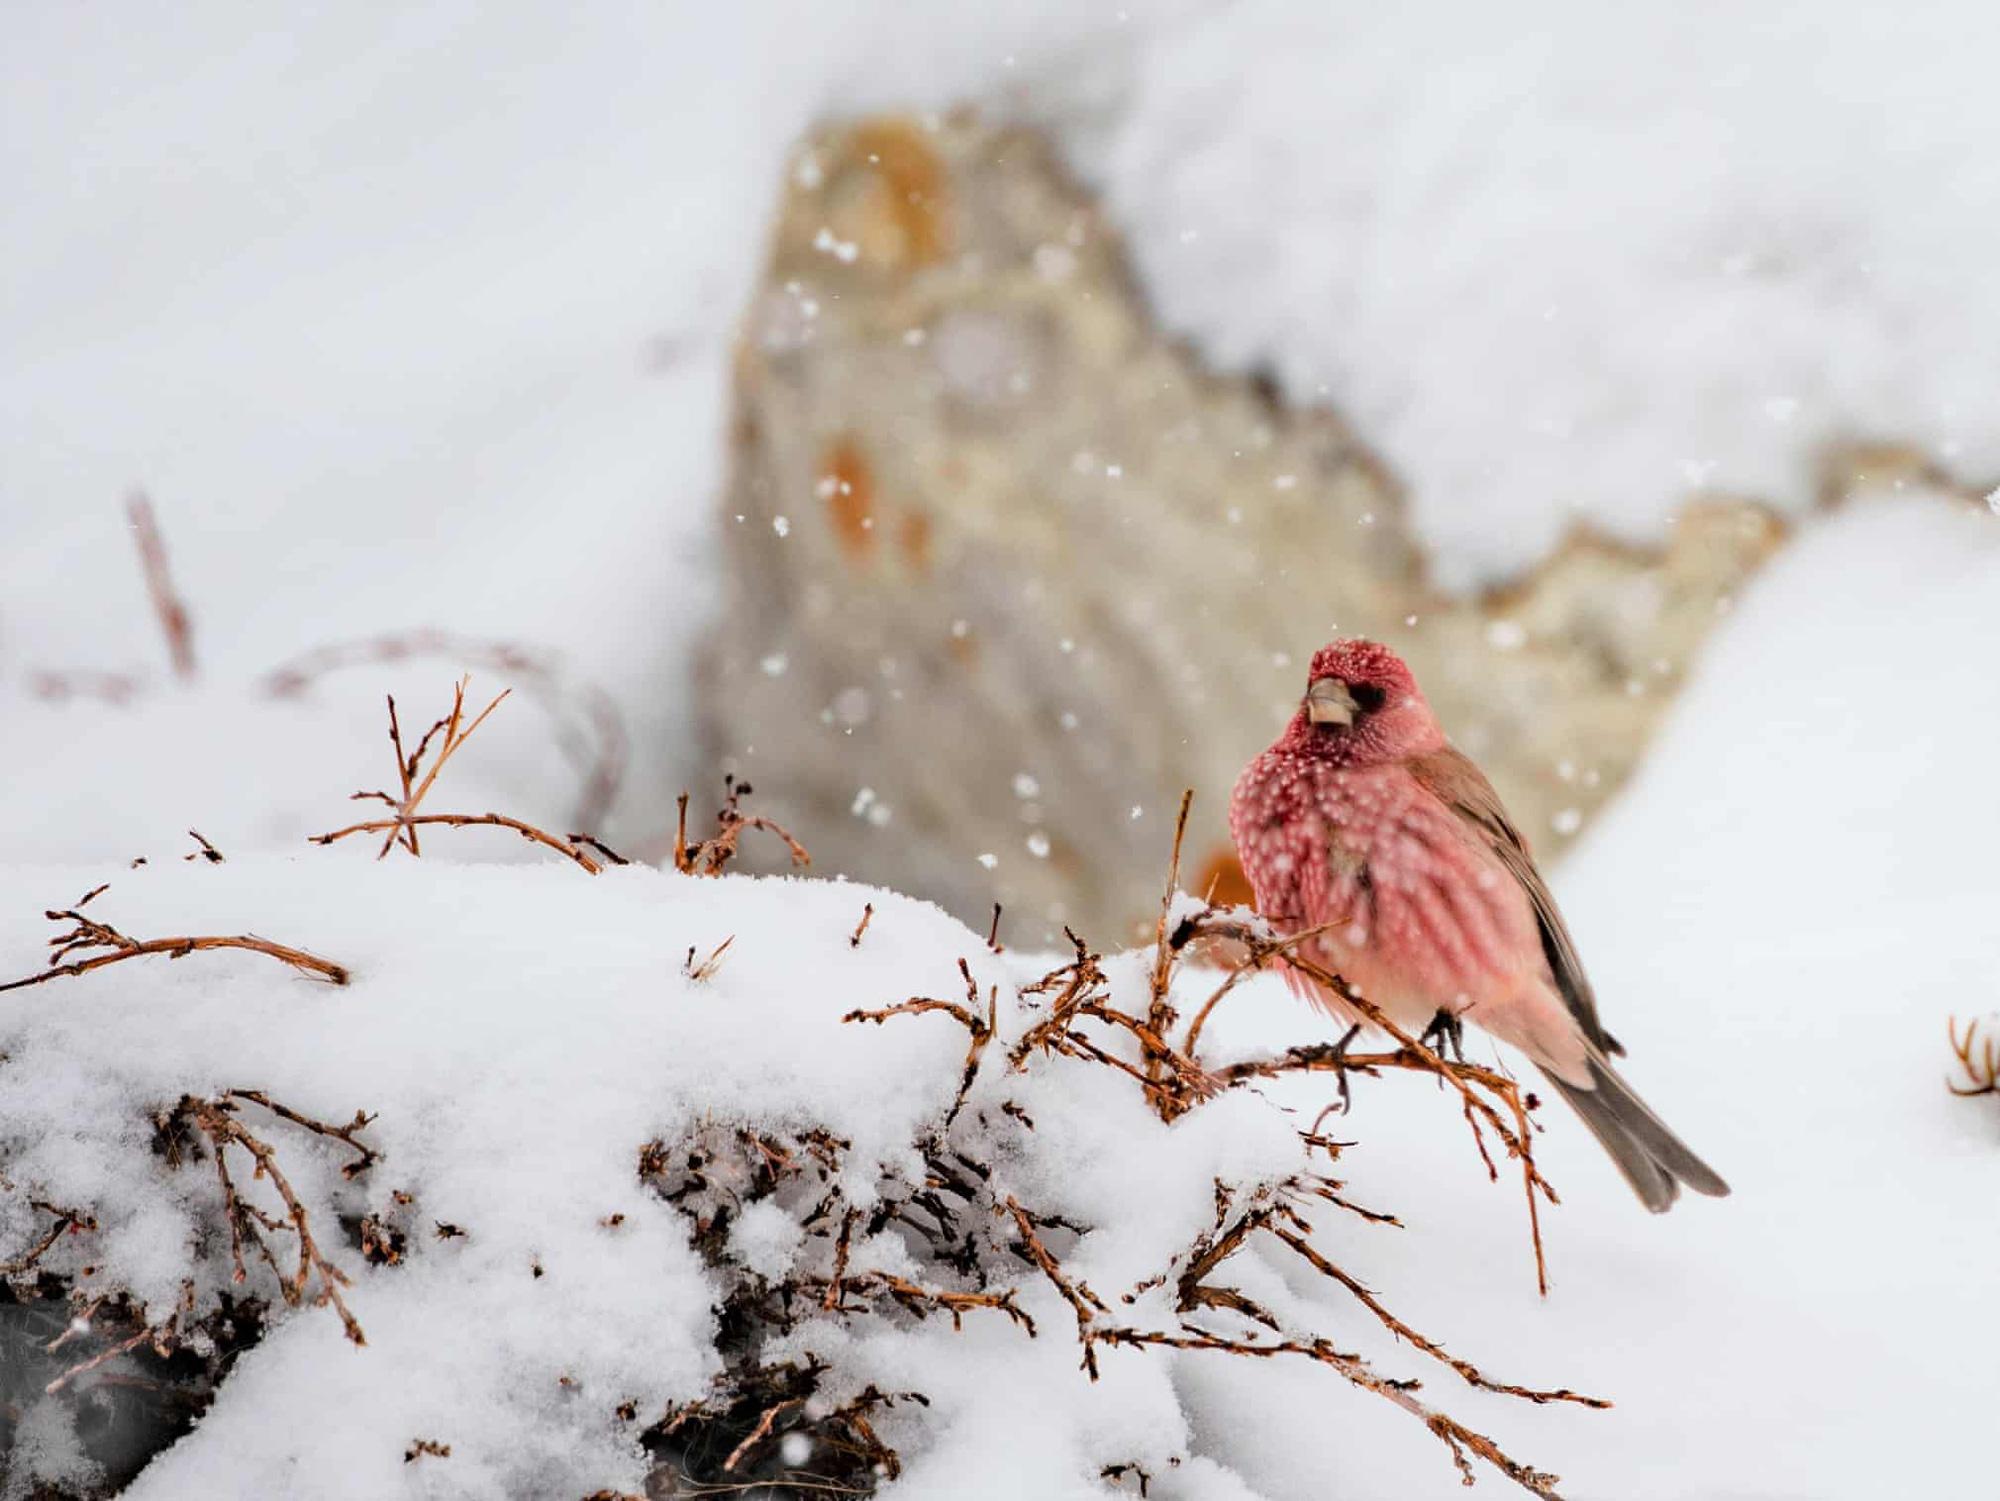 Đại bàng đầu trắng tóm con mồi lọt top 15 ảnh động vật đẹp tuần qua - Ảnh 6.